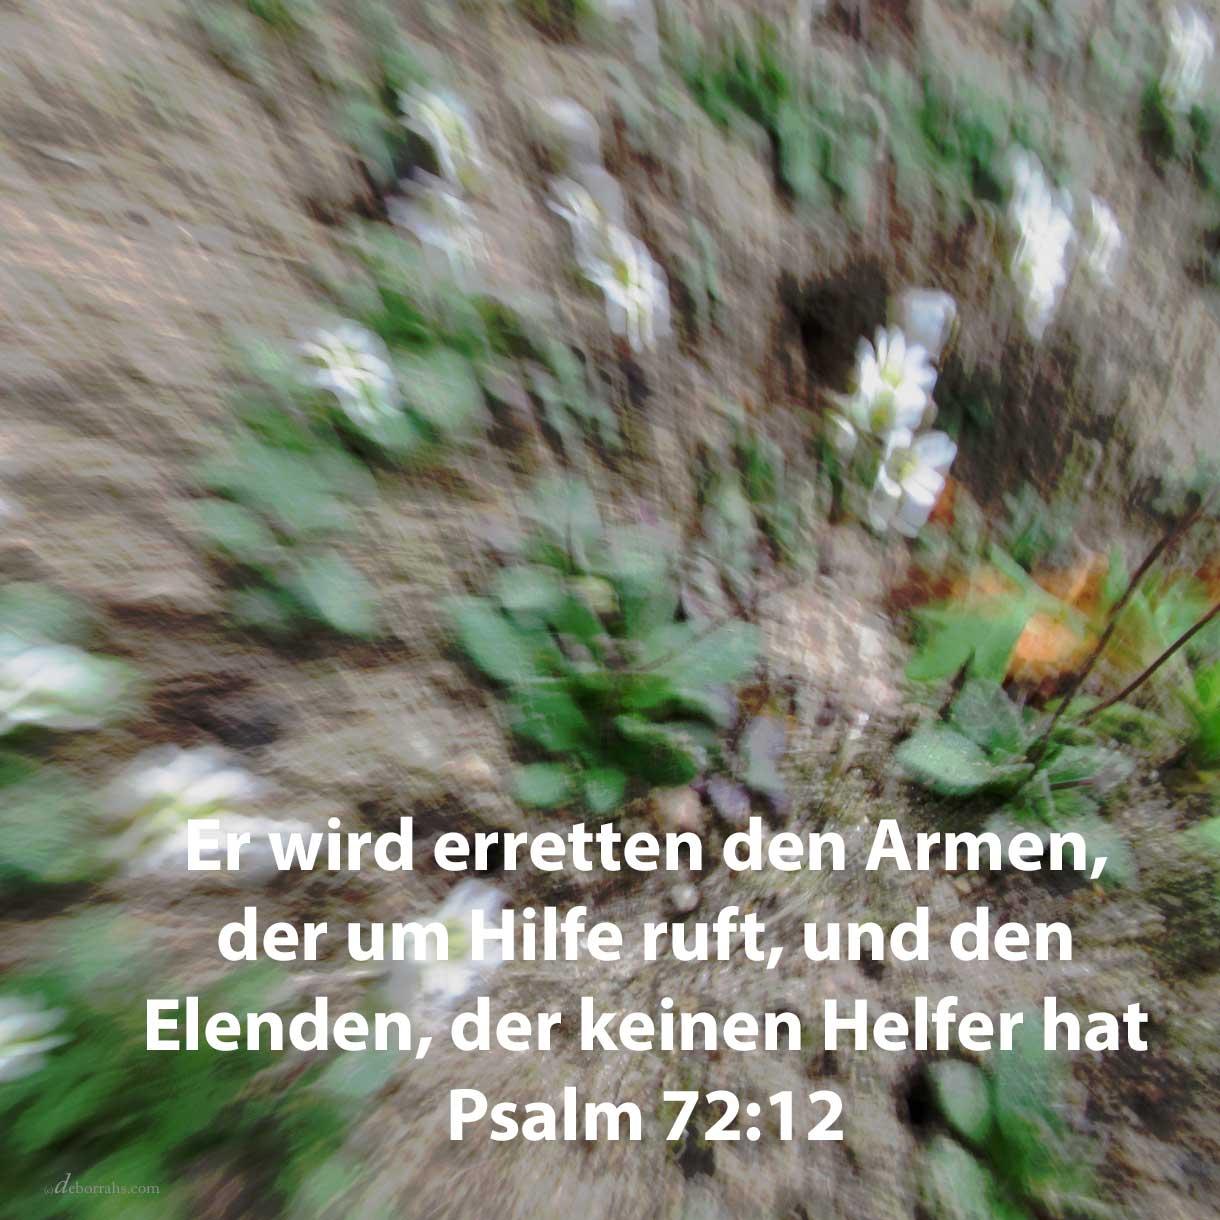 Denn erretten wird er den Armen, der um Hilfe ruft, und den Elenden, der keinen Helfer hat ( Psalm 72,12 )